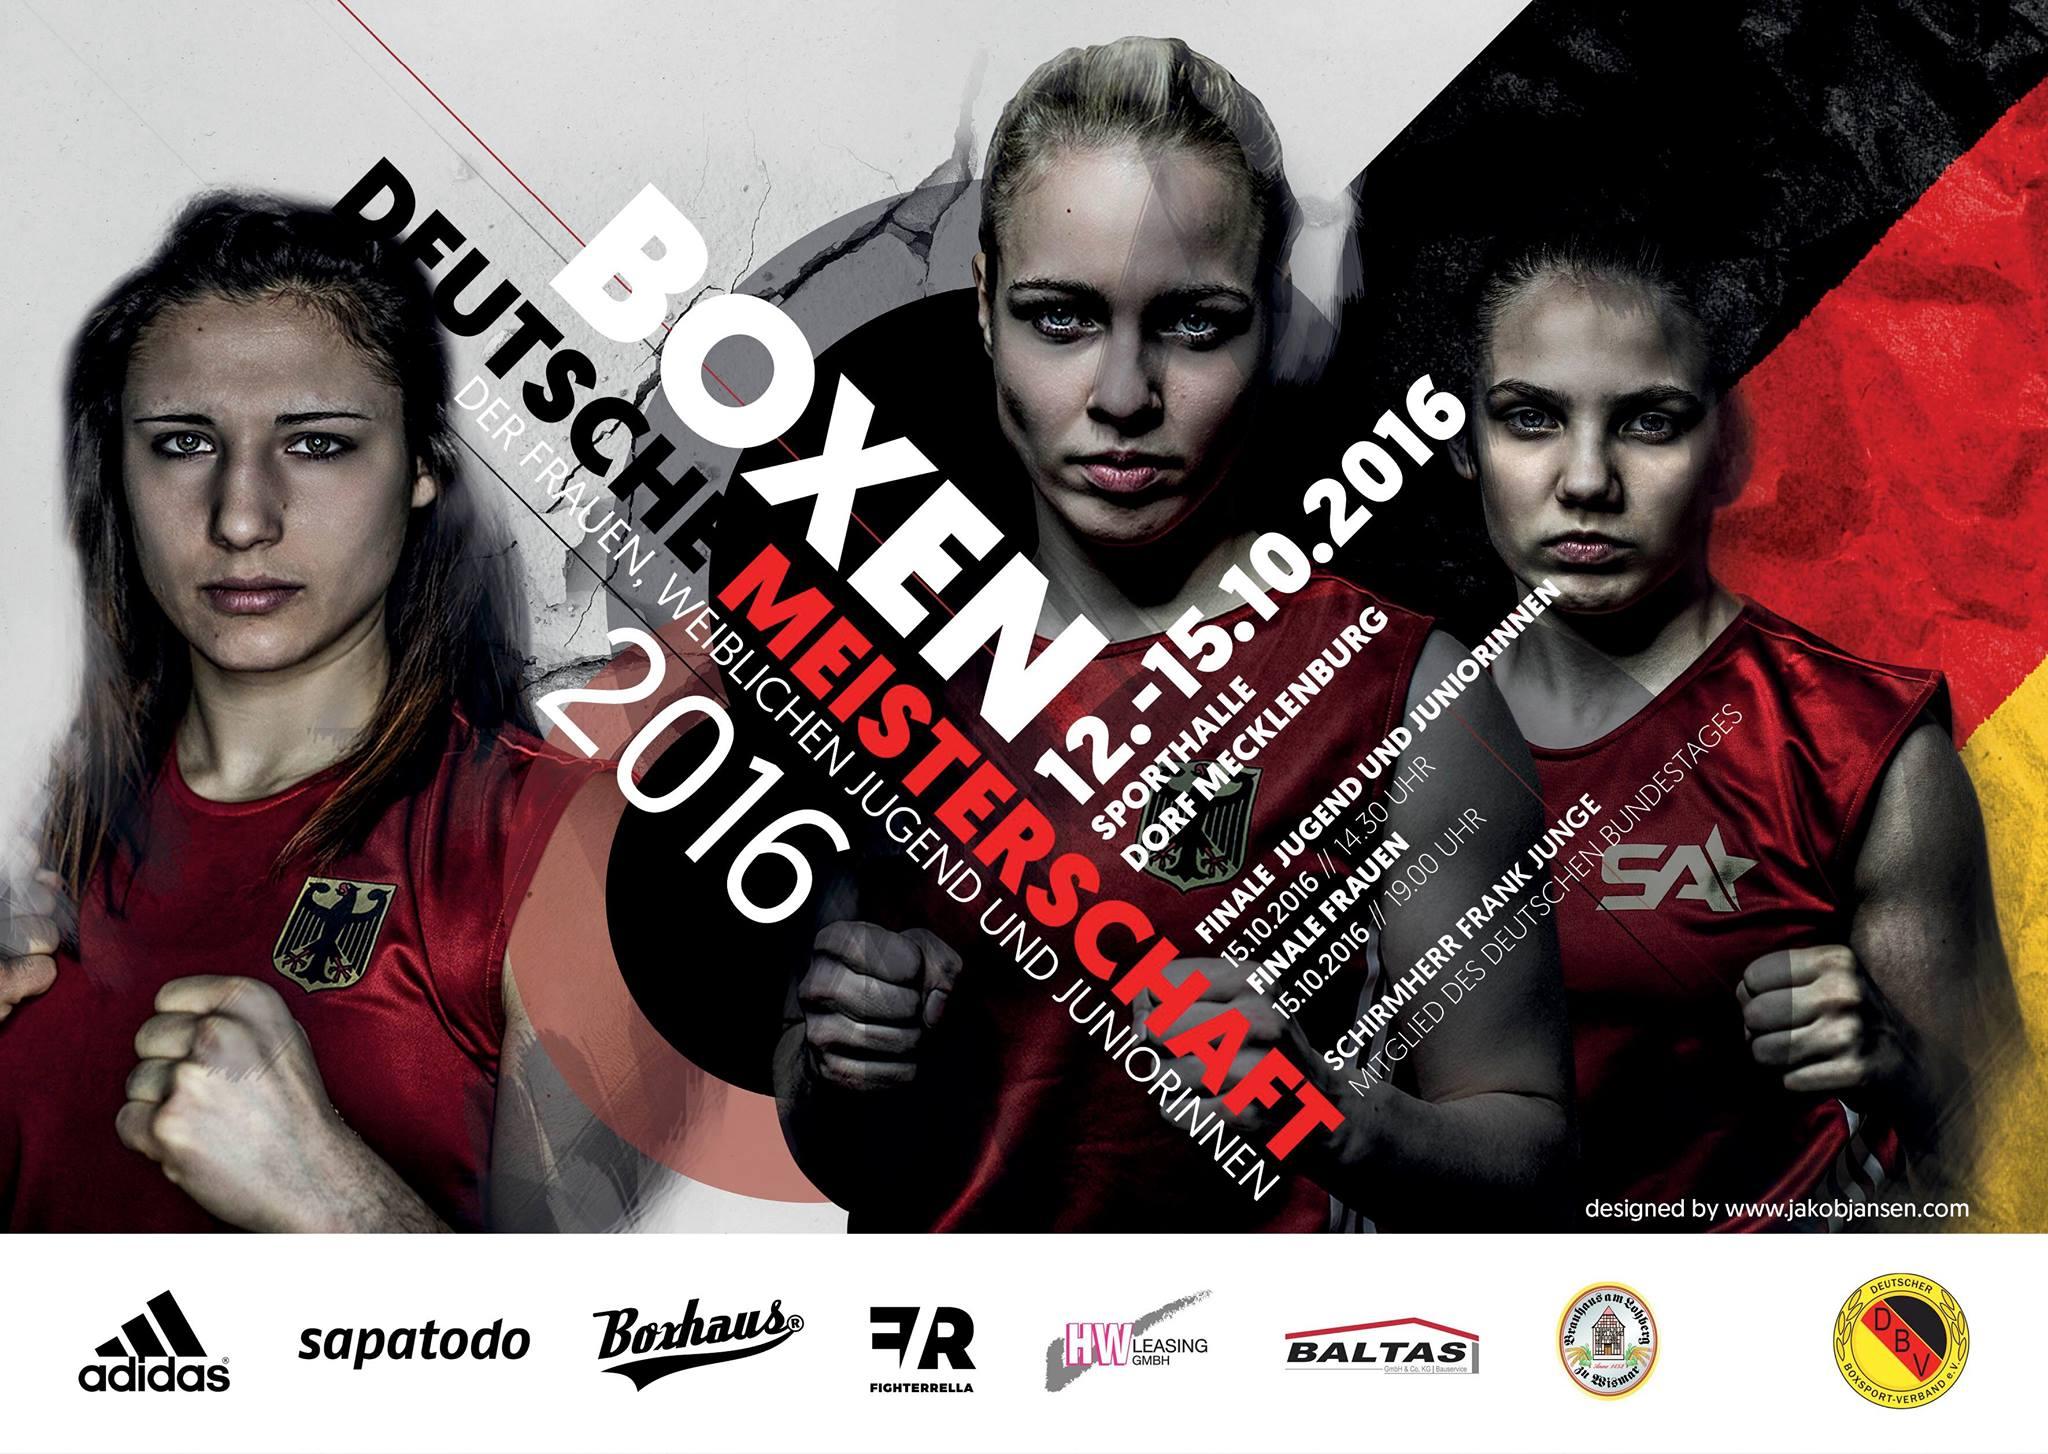 Fighterrella - Deutsche Meisterschaft olympisches Boxen 2016